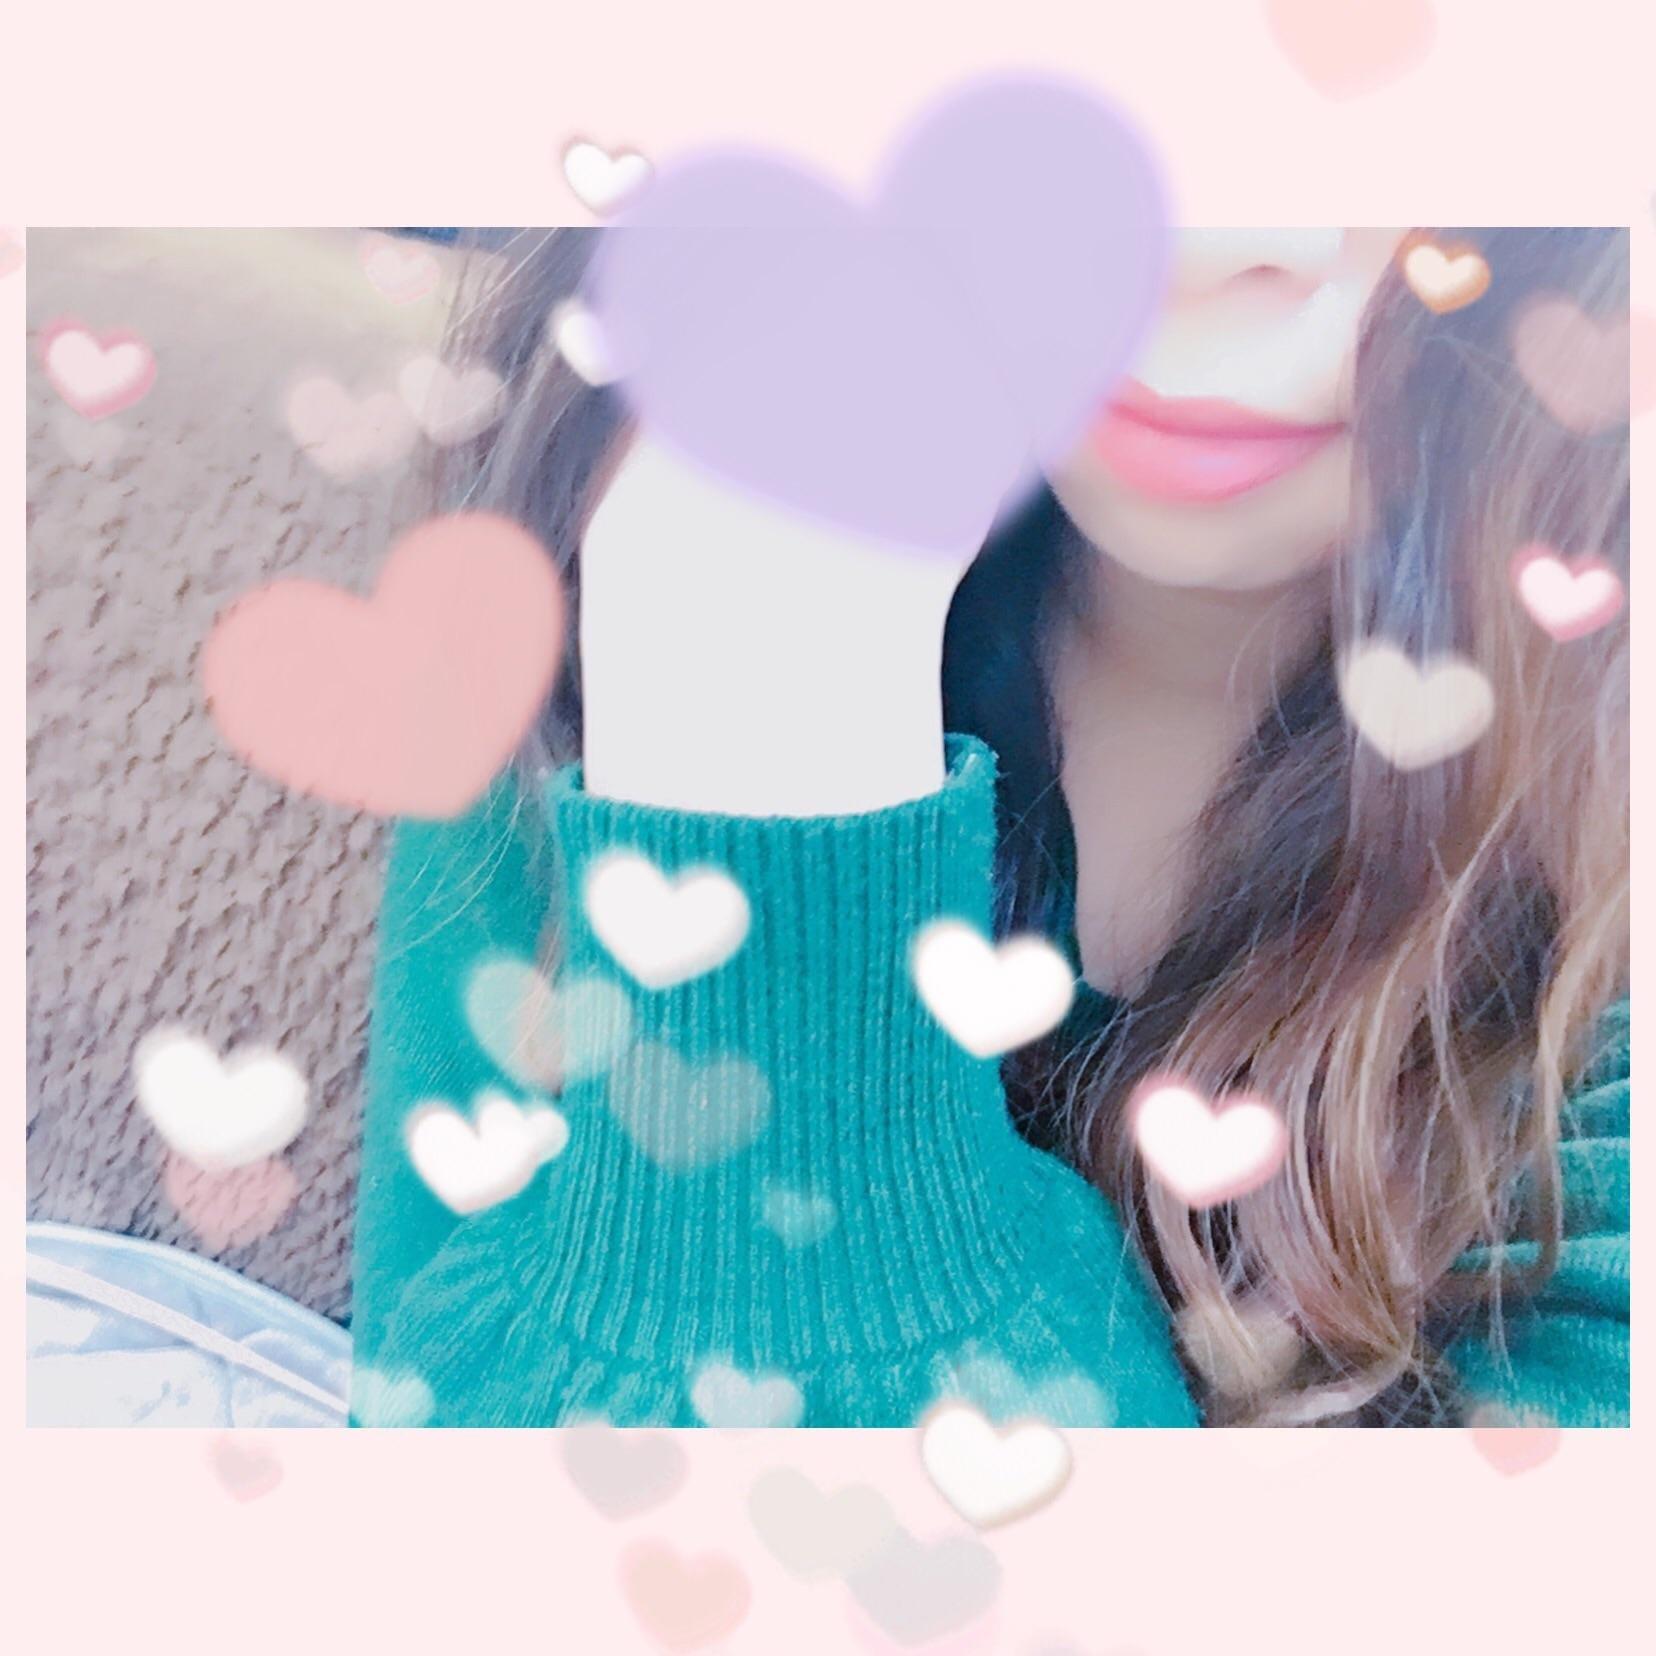 「しゅ」12/12(12/12) 12:11 | 五十嵐 夏未の写メ・風俗動画